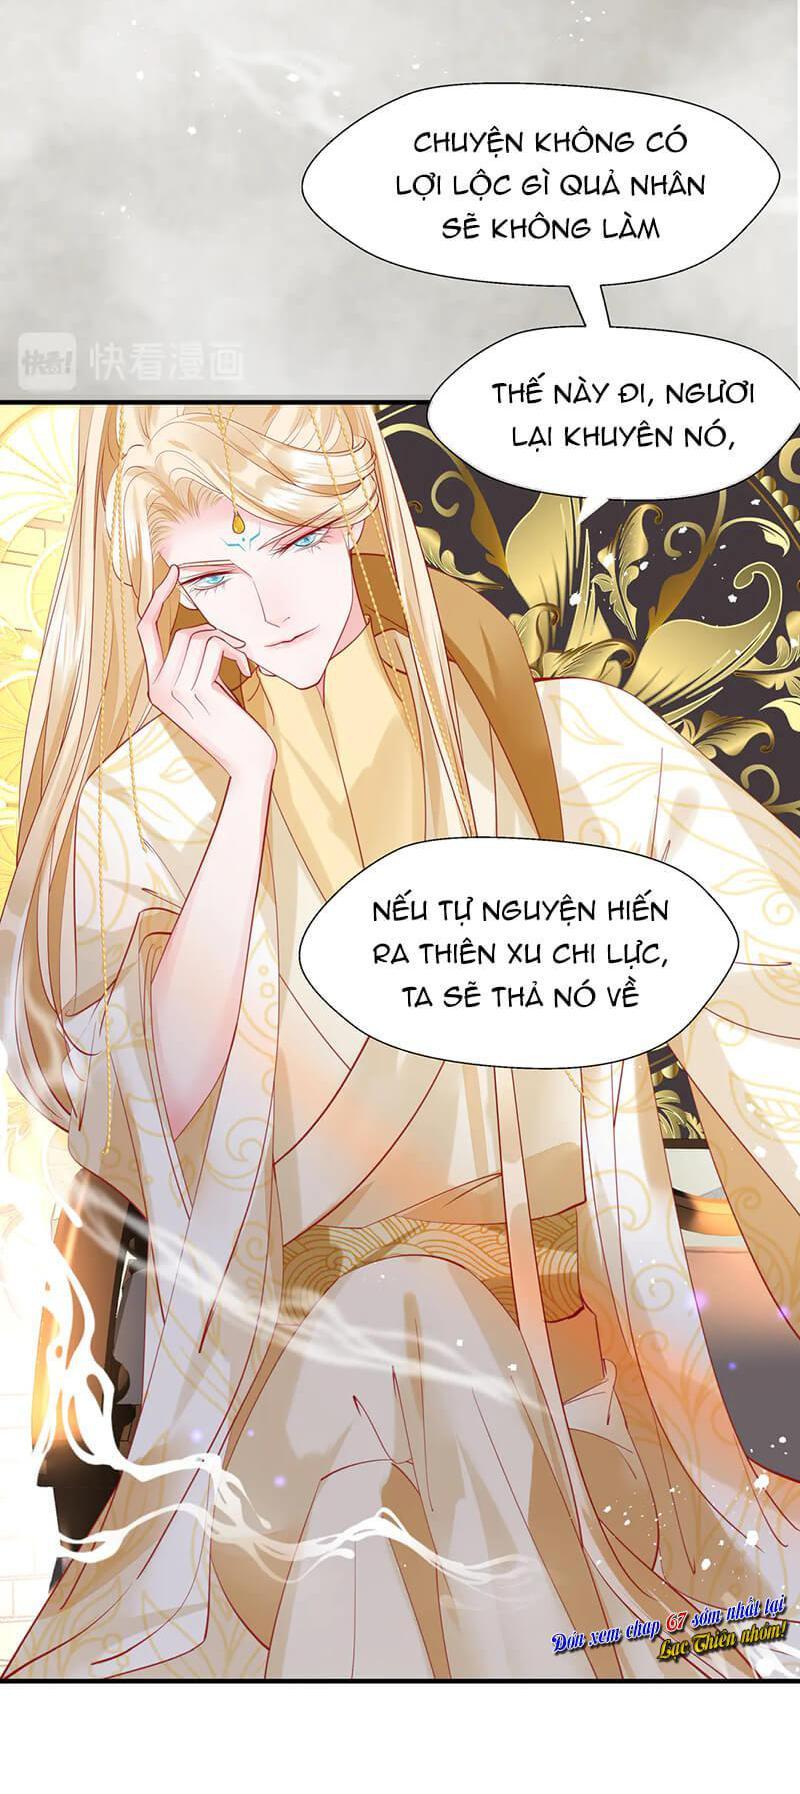 Ma Tôn Muốn Ôm Ôm: Chapter 66